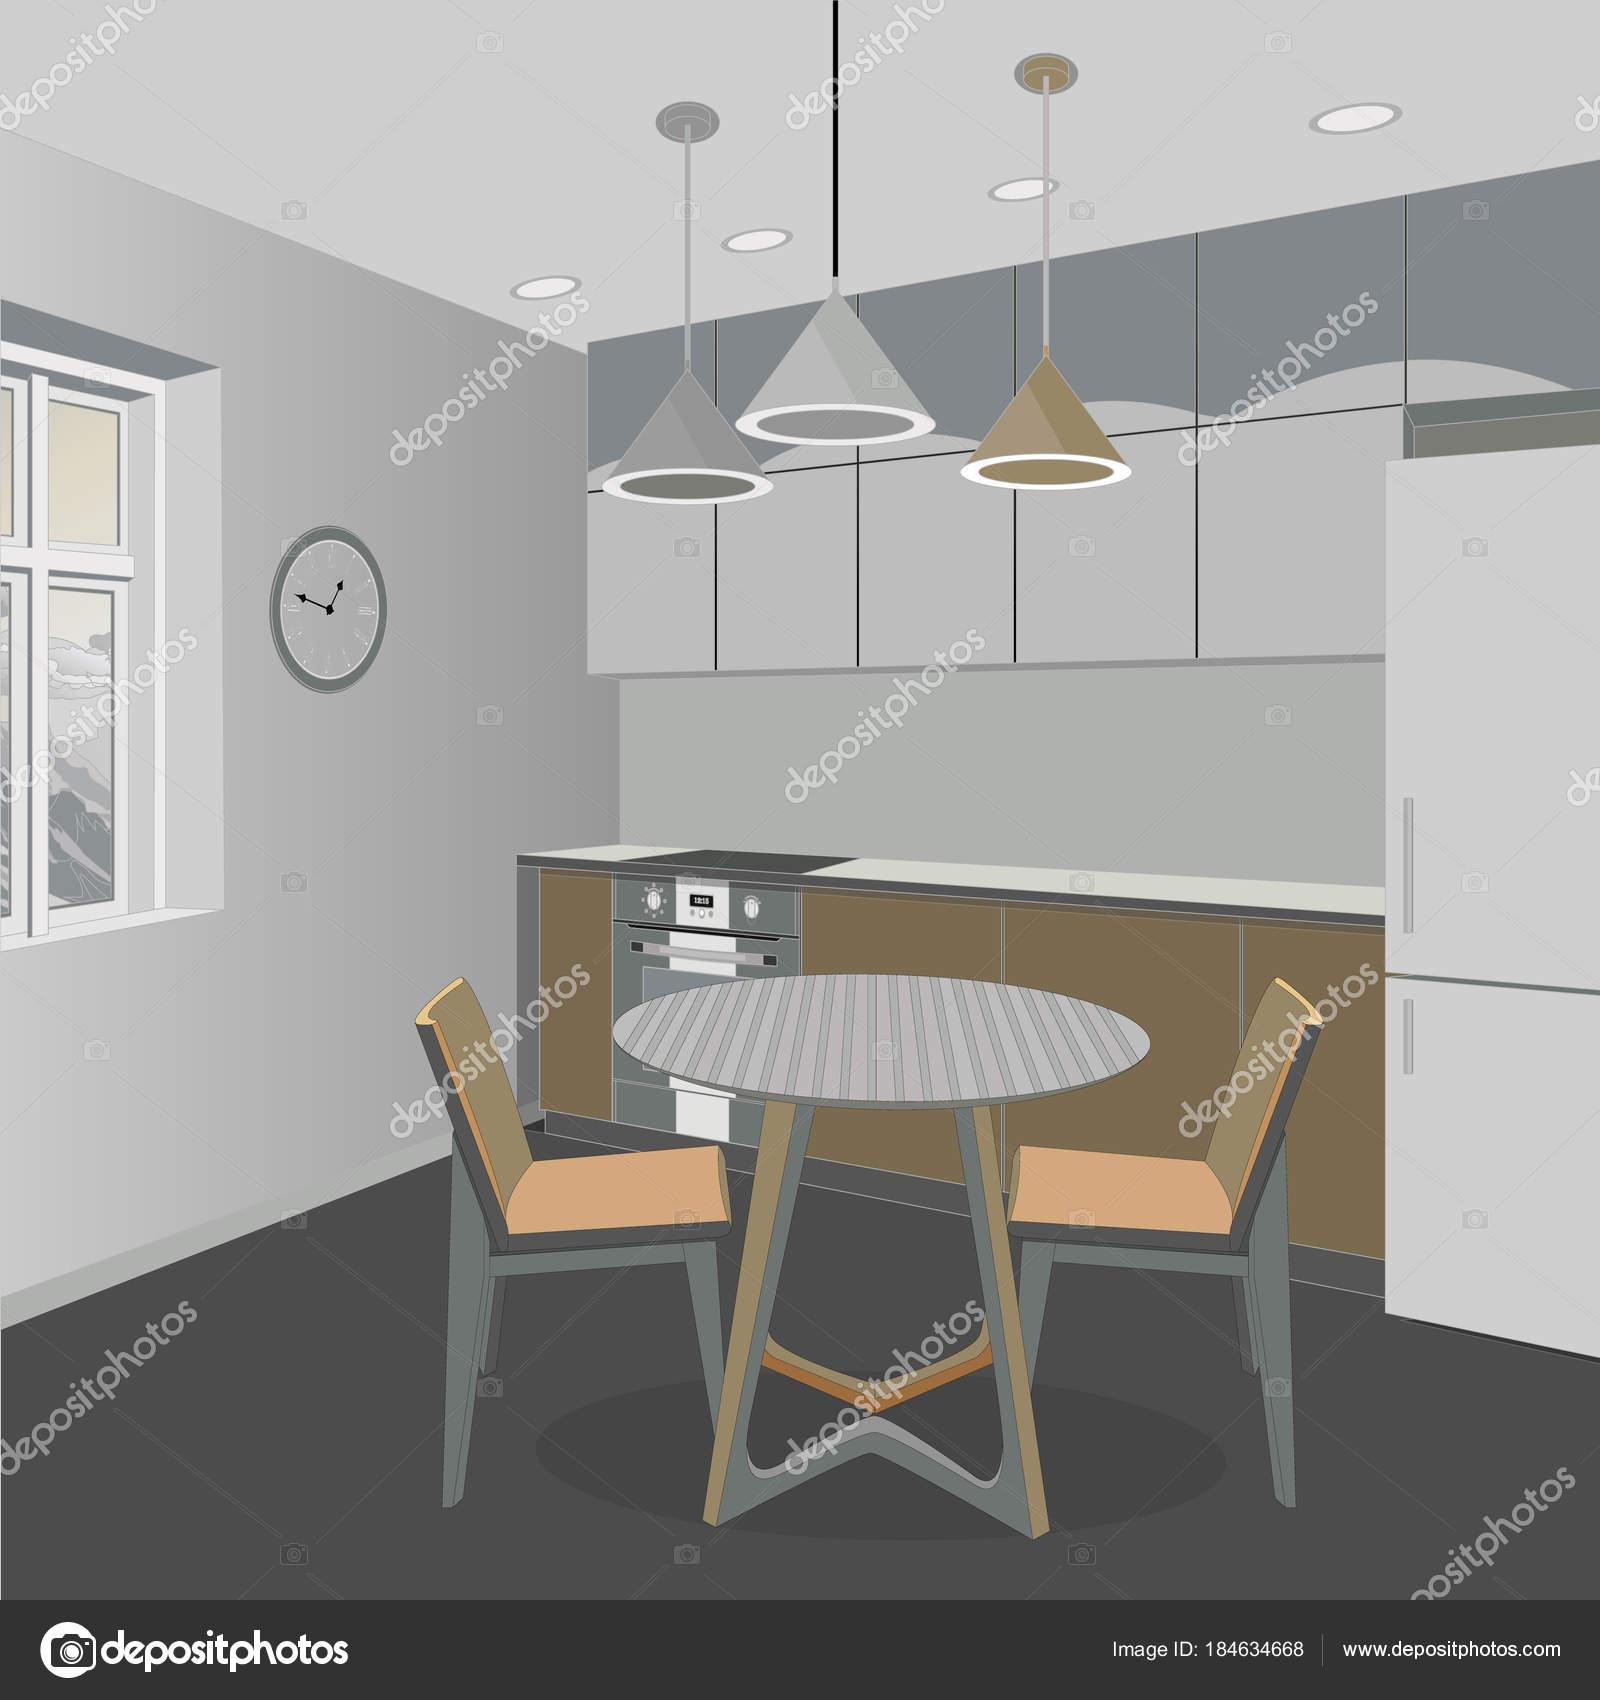 Küche Interieur Hintergrund mit Möbeln. Design der modernen Küche ...